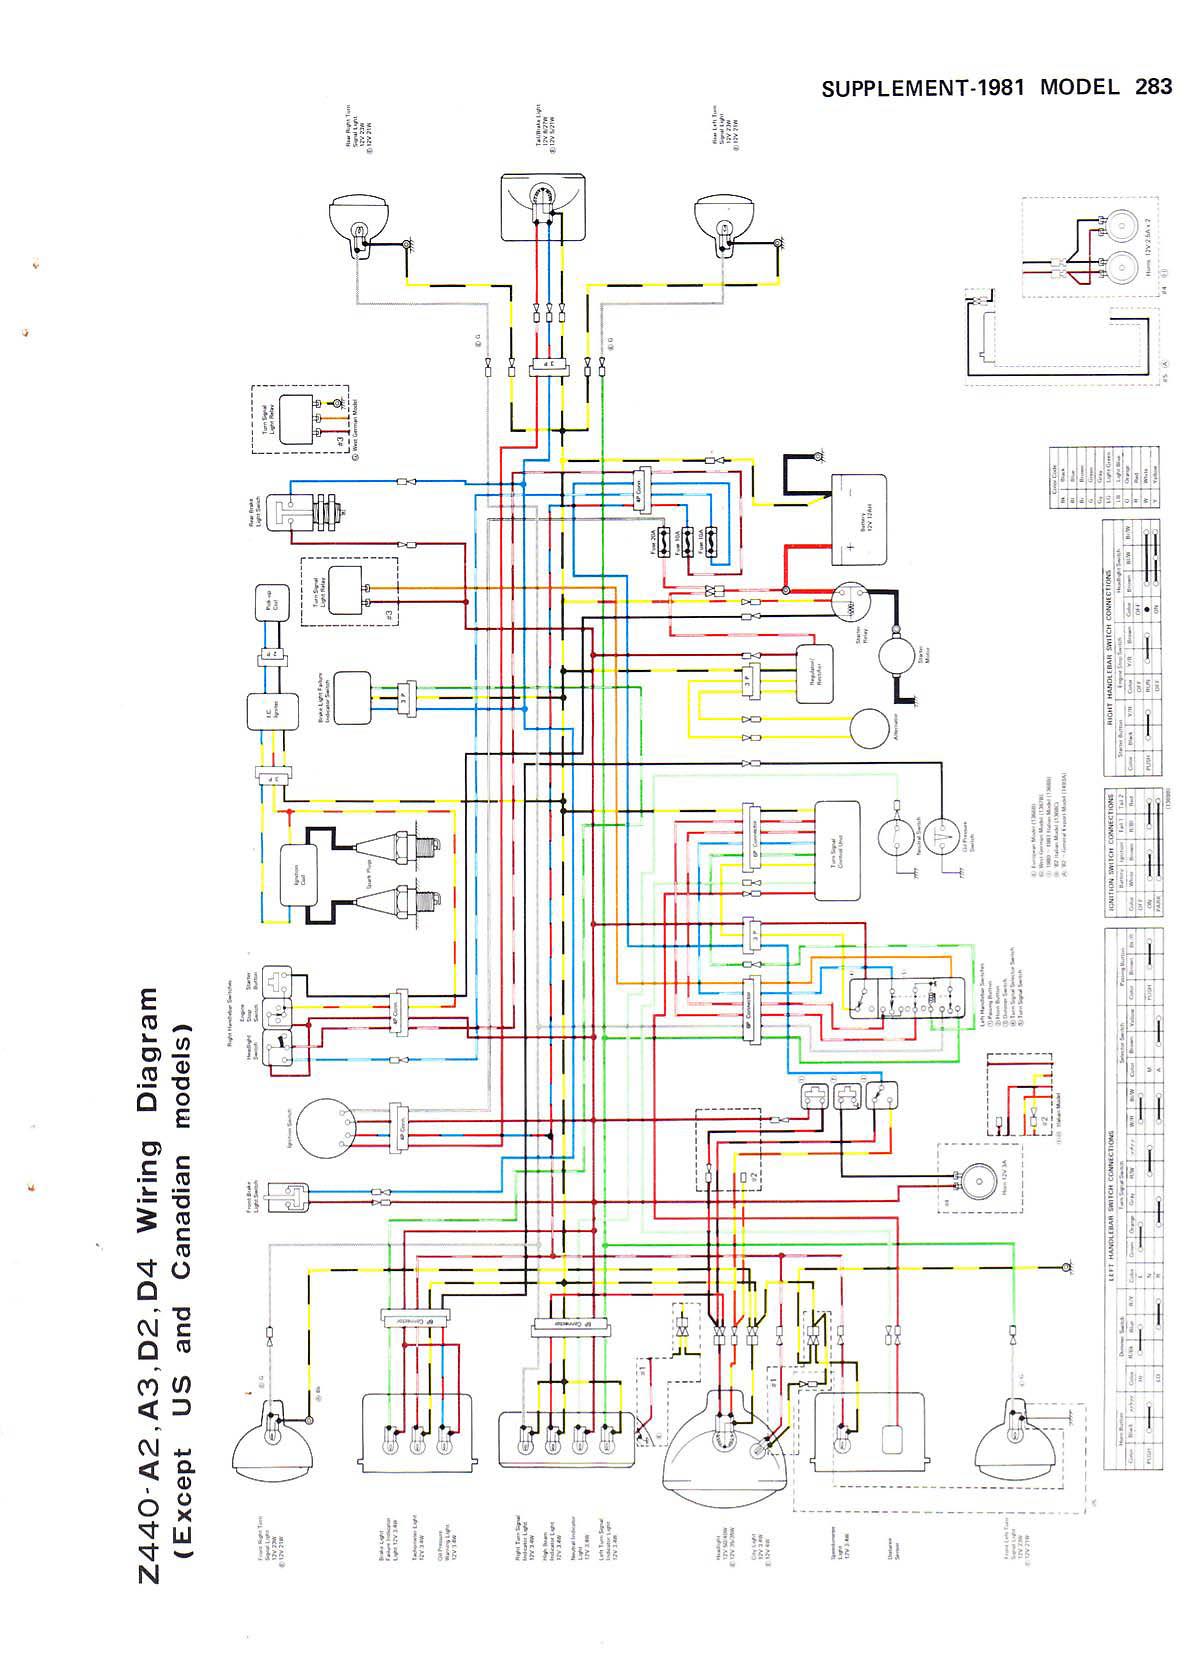 wiring diagram kawasaki 440 - Wiring Diagram